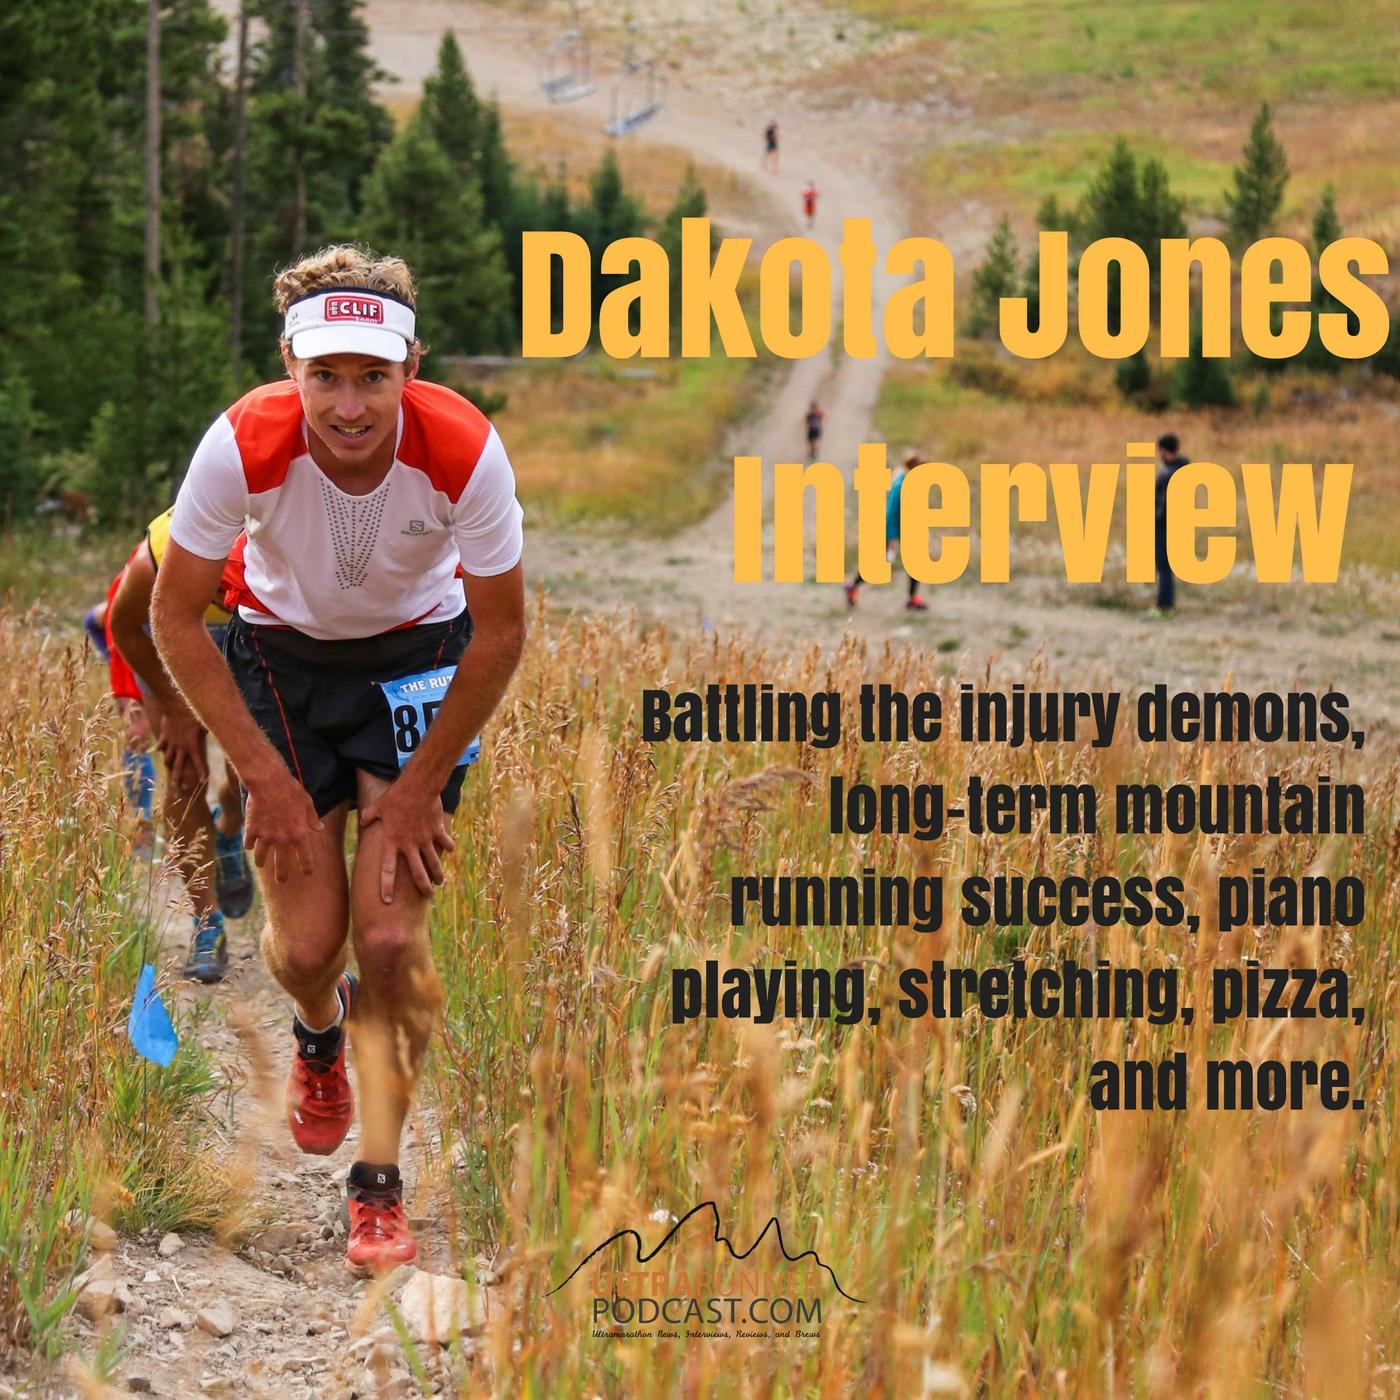 Dakota jones interview ultra trail